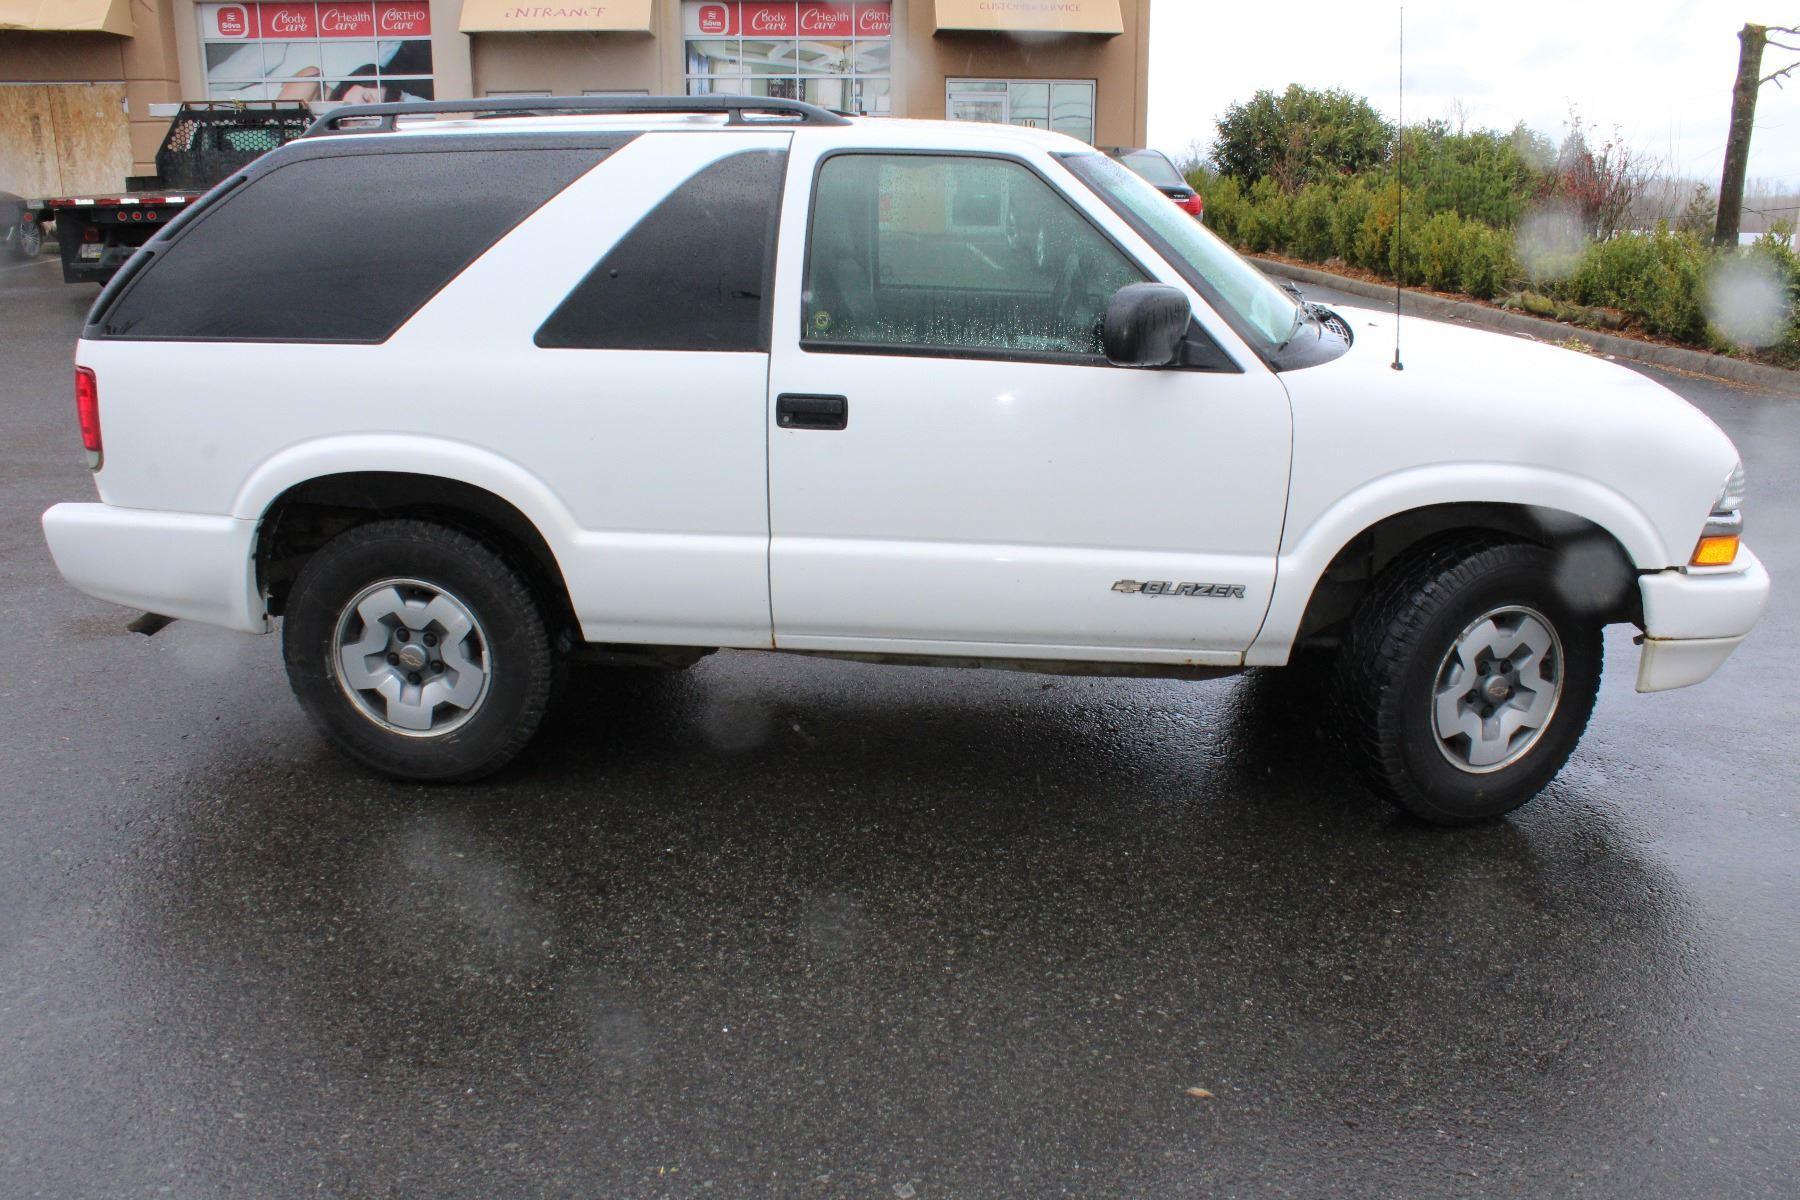 2005 white chevrolet blazer 2 door 4x4 224000kmwith keys registration and car proof 2005 white chevrolet blazer 2 door 4x4